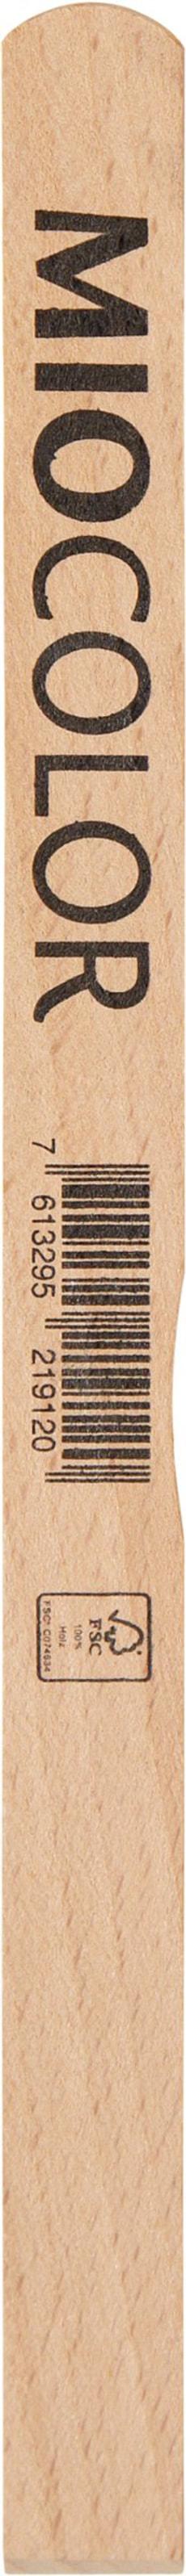 Rührholz